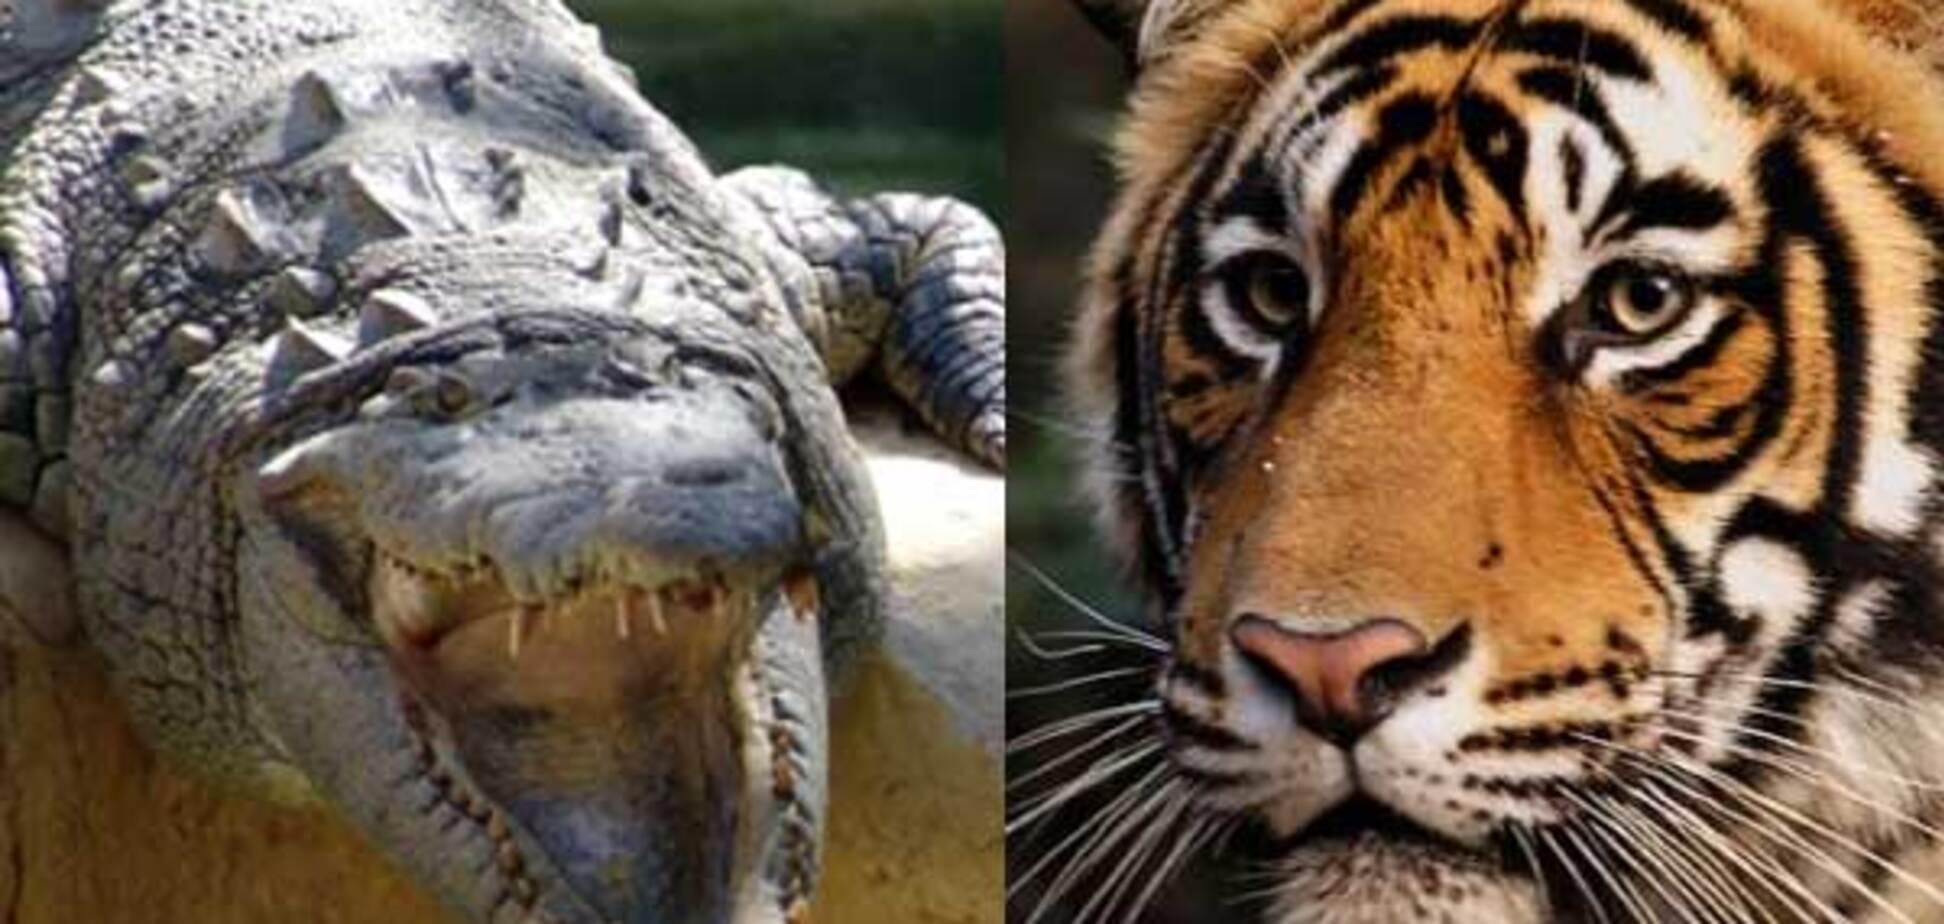 Схватка крокодила с тигром. Очень редкое событие. ФОТО